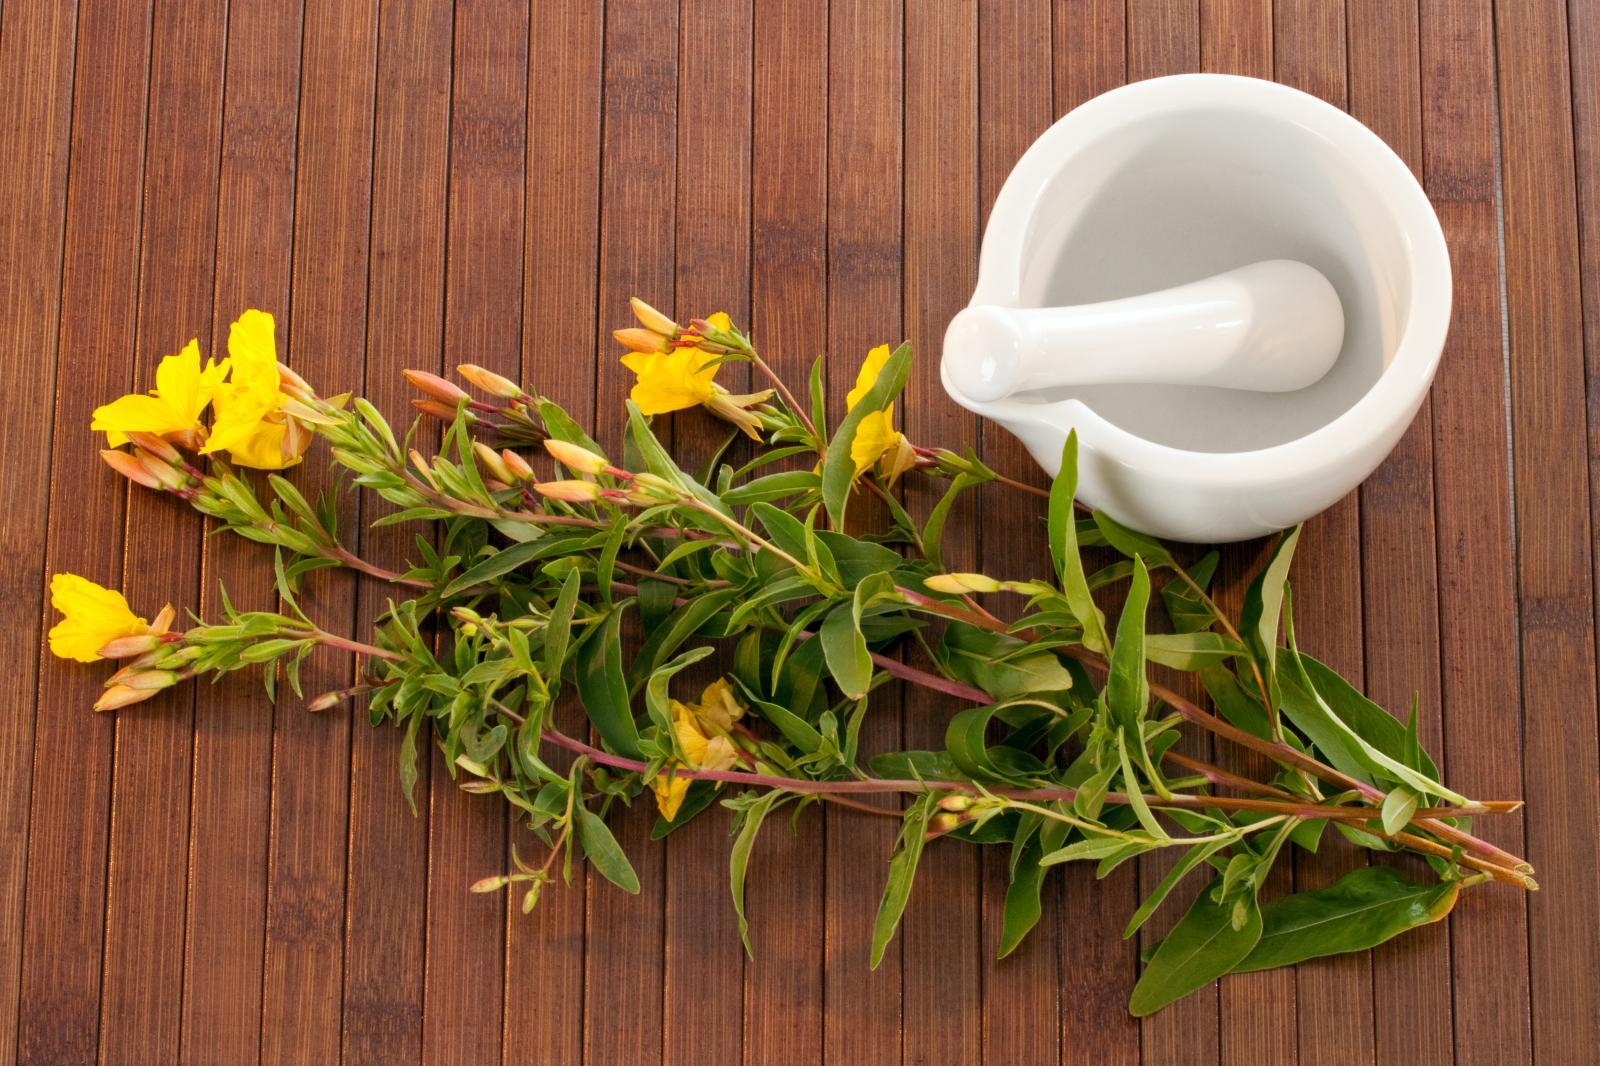 Pupalkový olej se lisuje ze semínek této krásné rostliny.